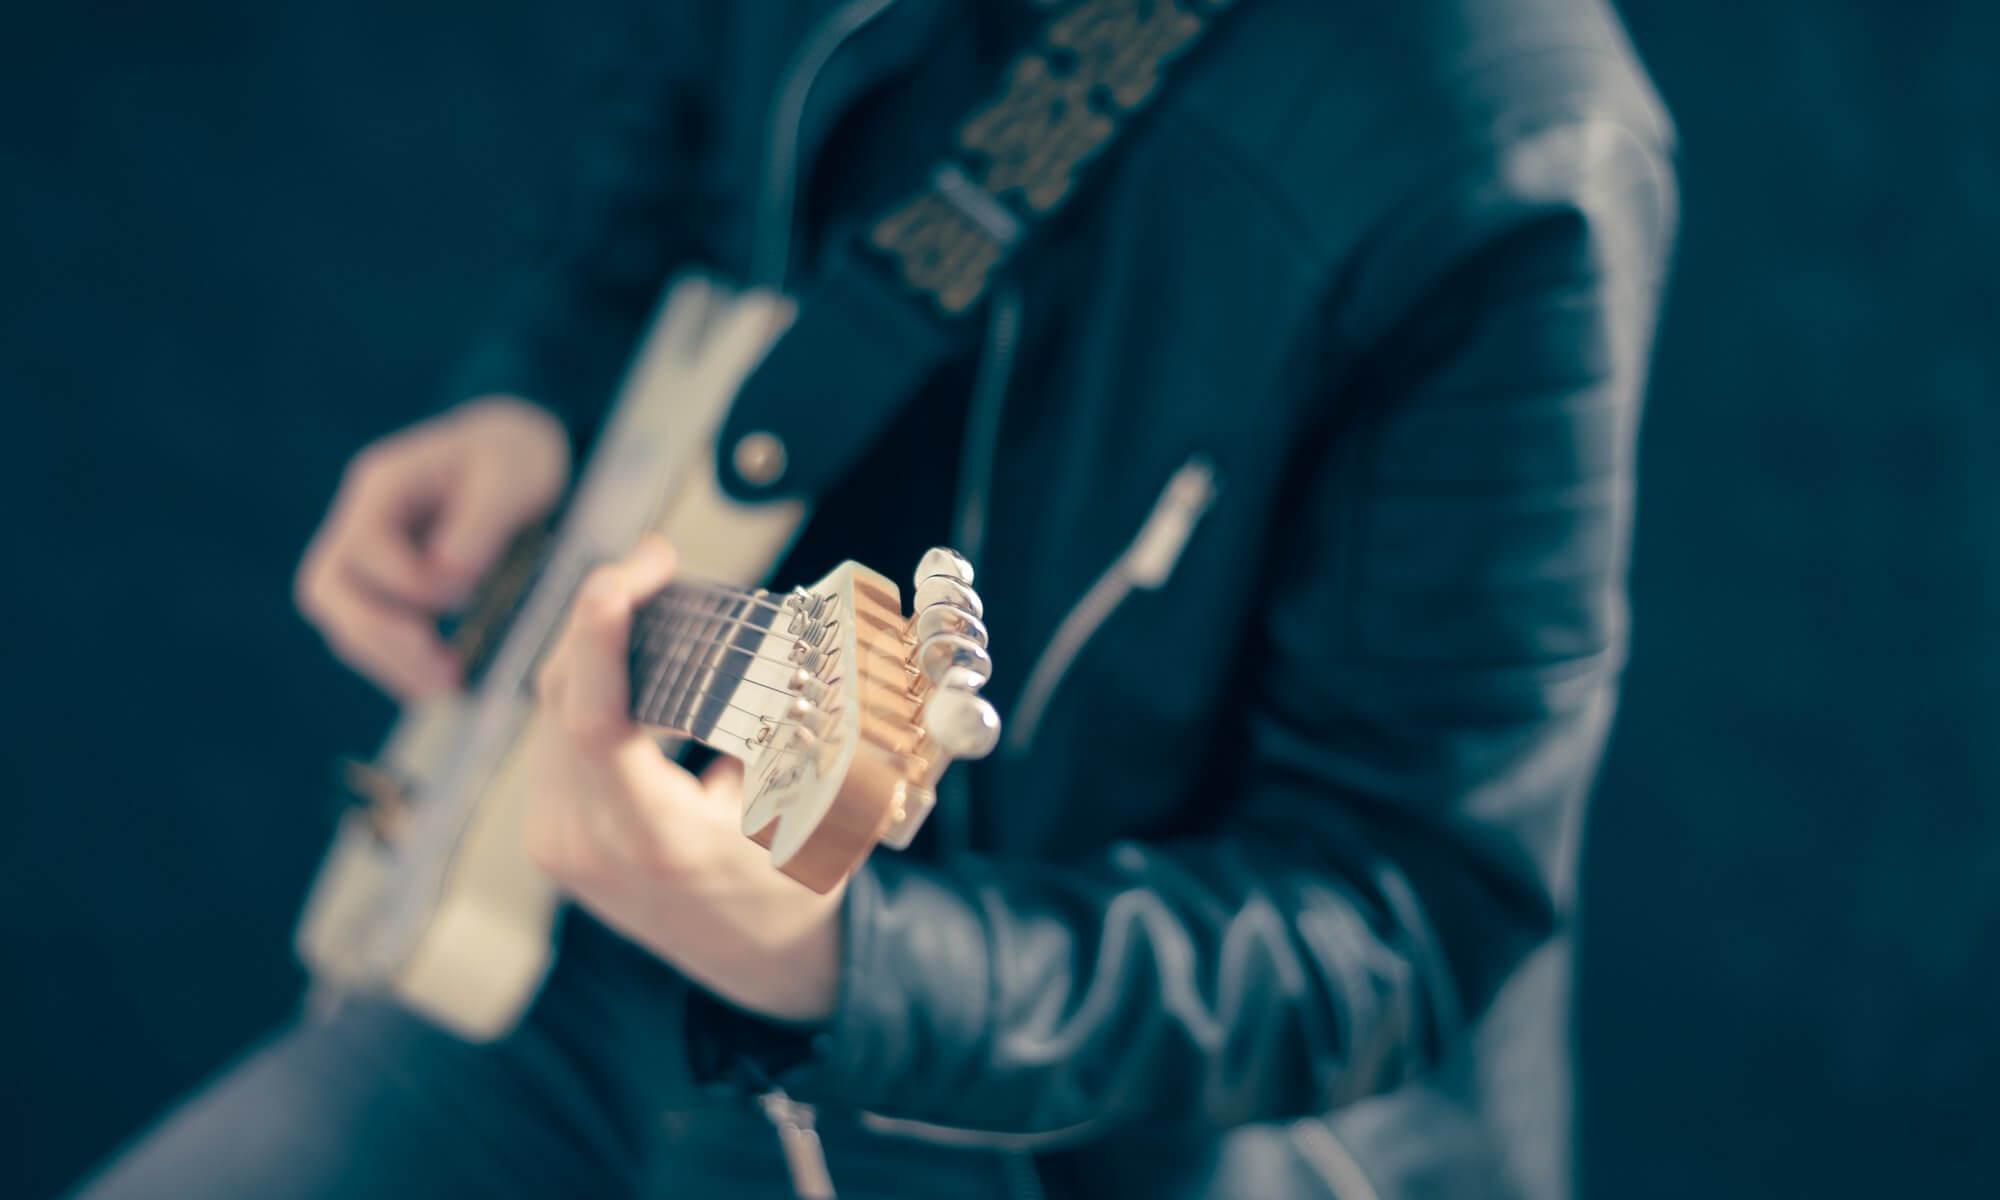 エレキギターの種類 - エレキギター 2000x1200 - エレキギターの種類